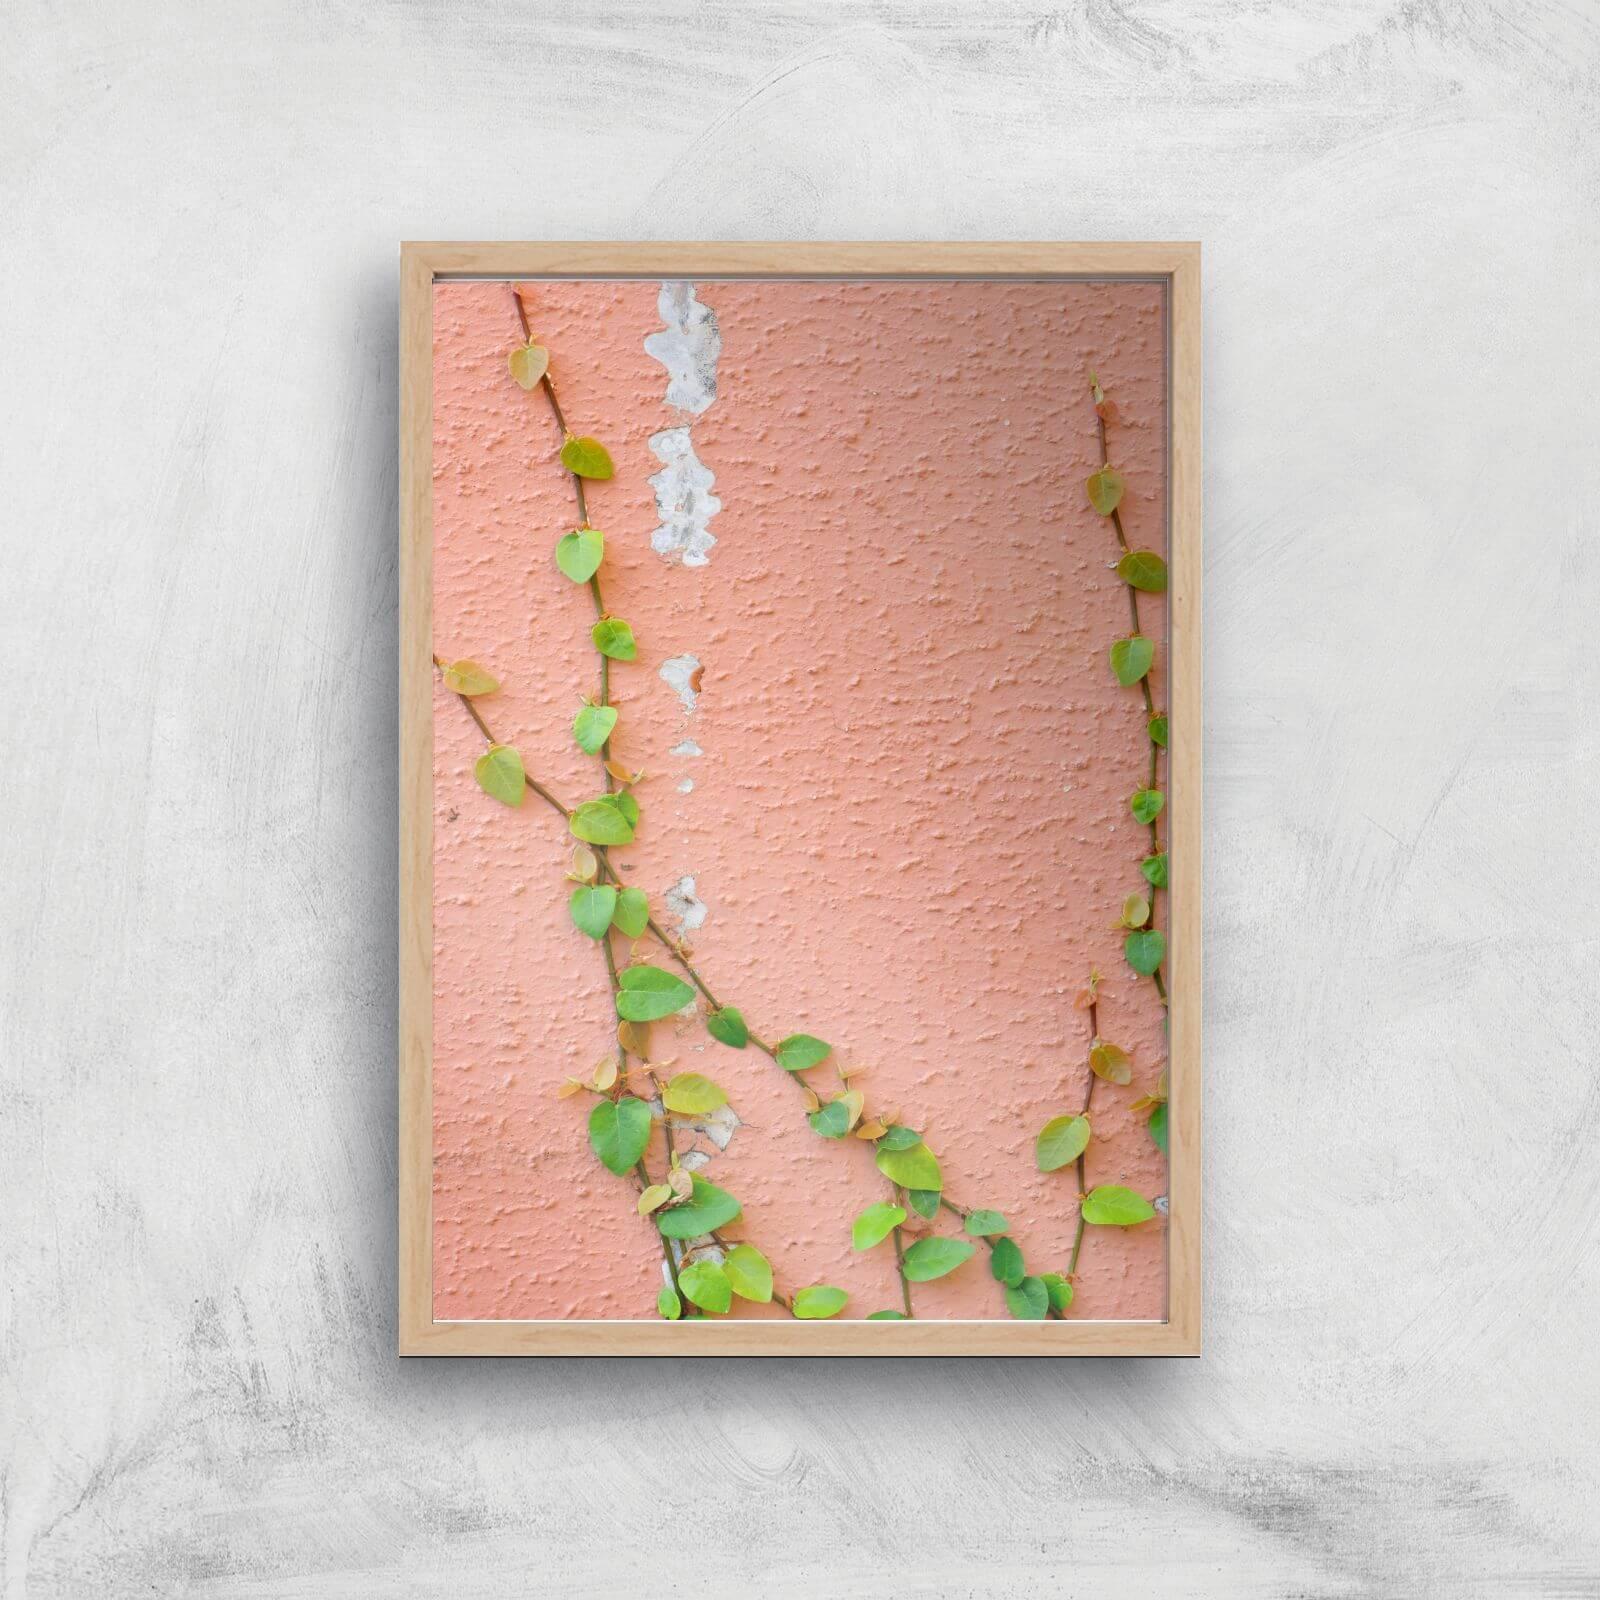 Climbing Ivy Giclee Art Print   A3   Wooden Frame